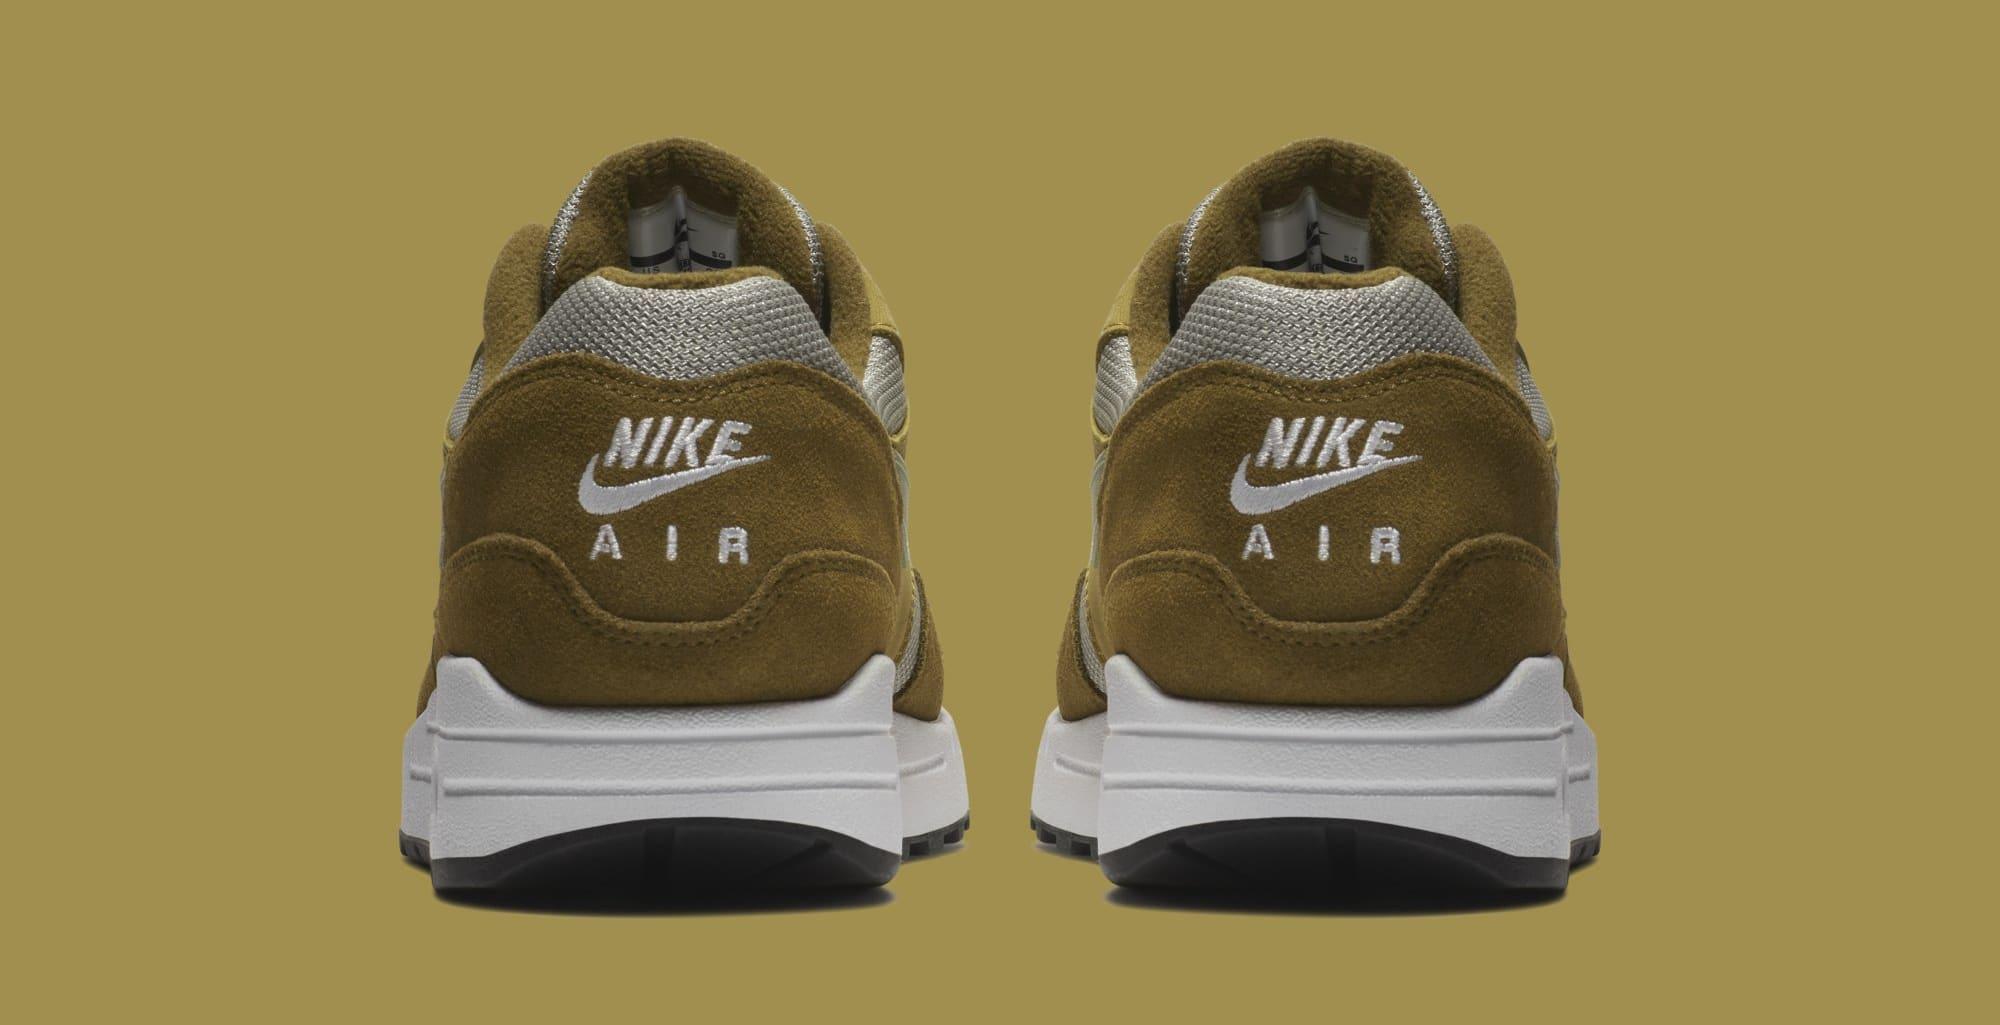 Atmos x Nike Air Max 1 'Green Curry' 908366-300 (Heel)